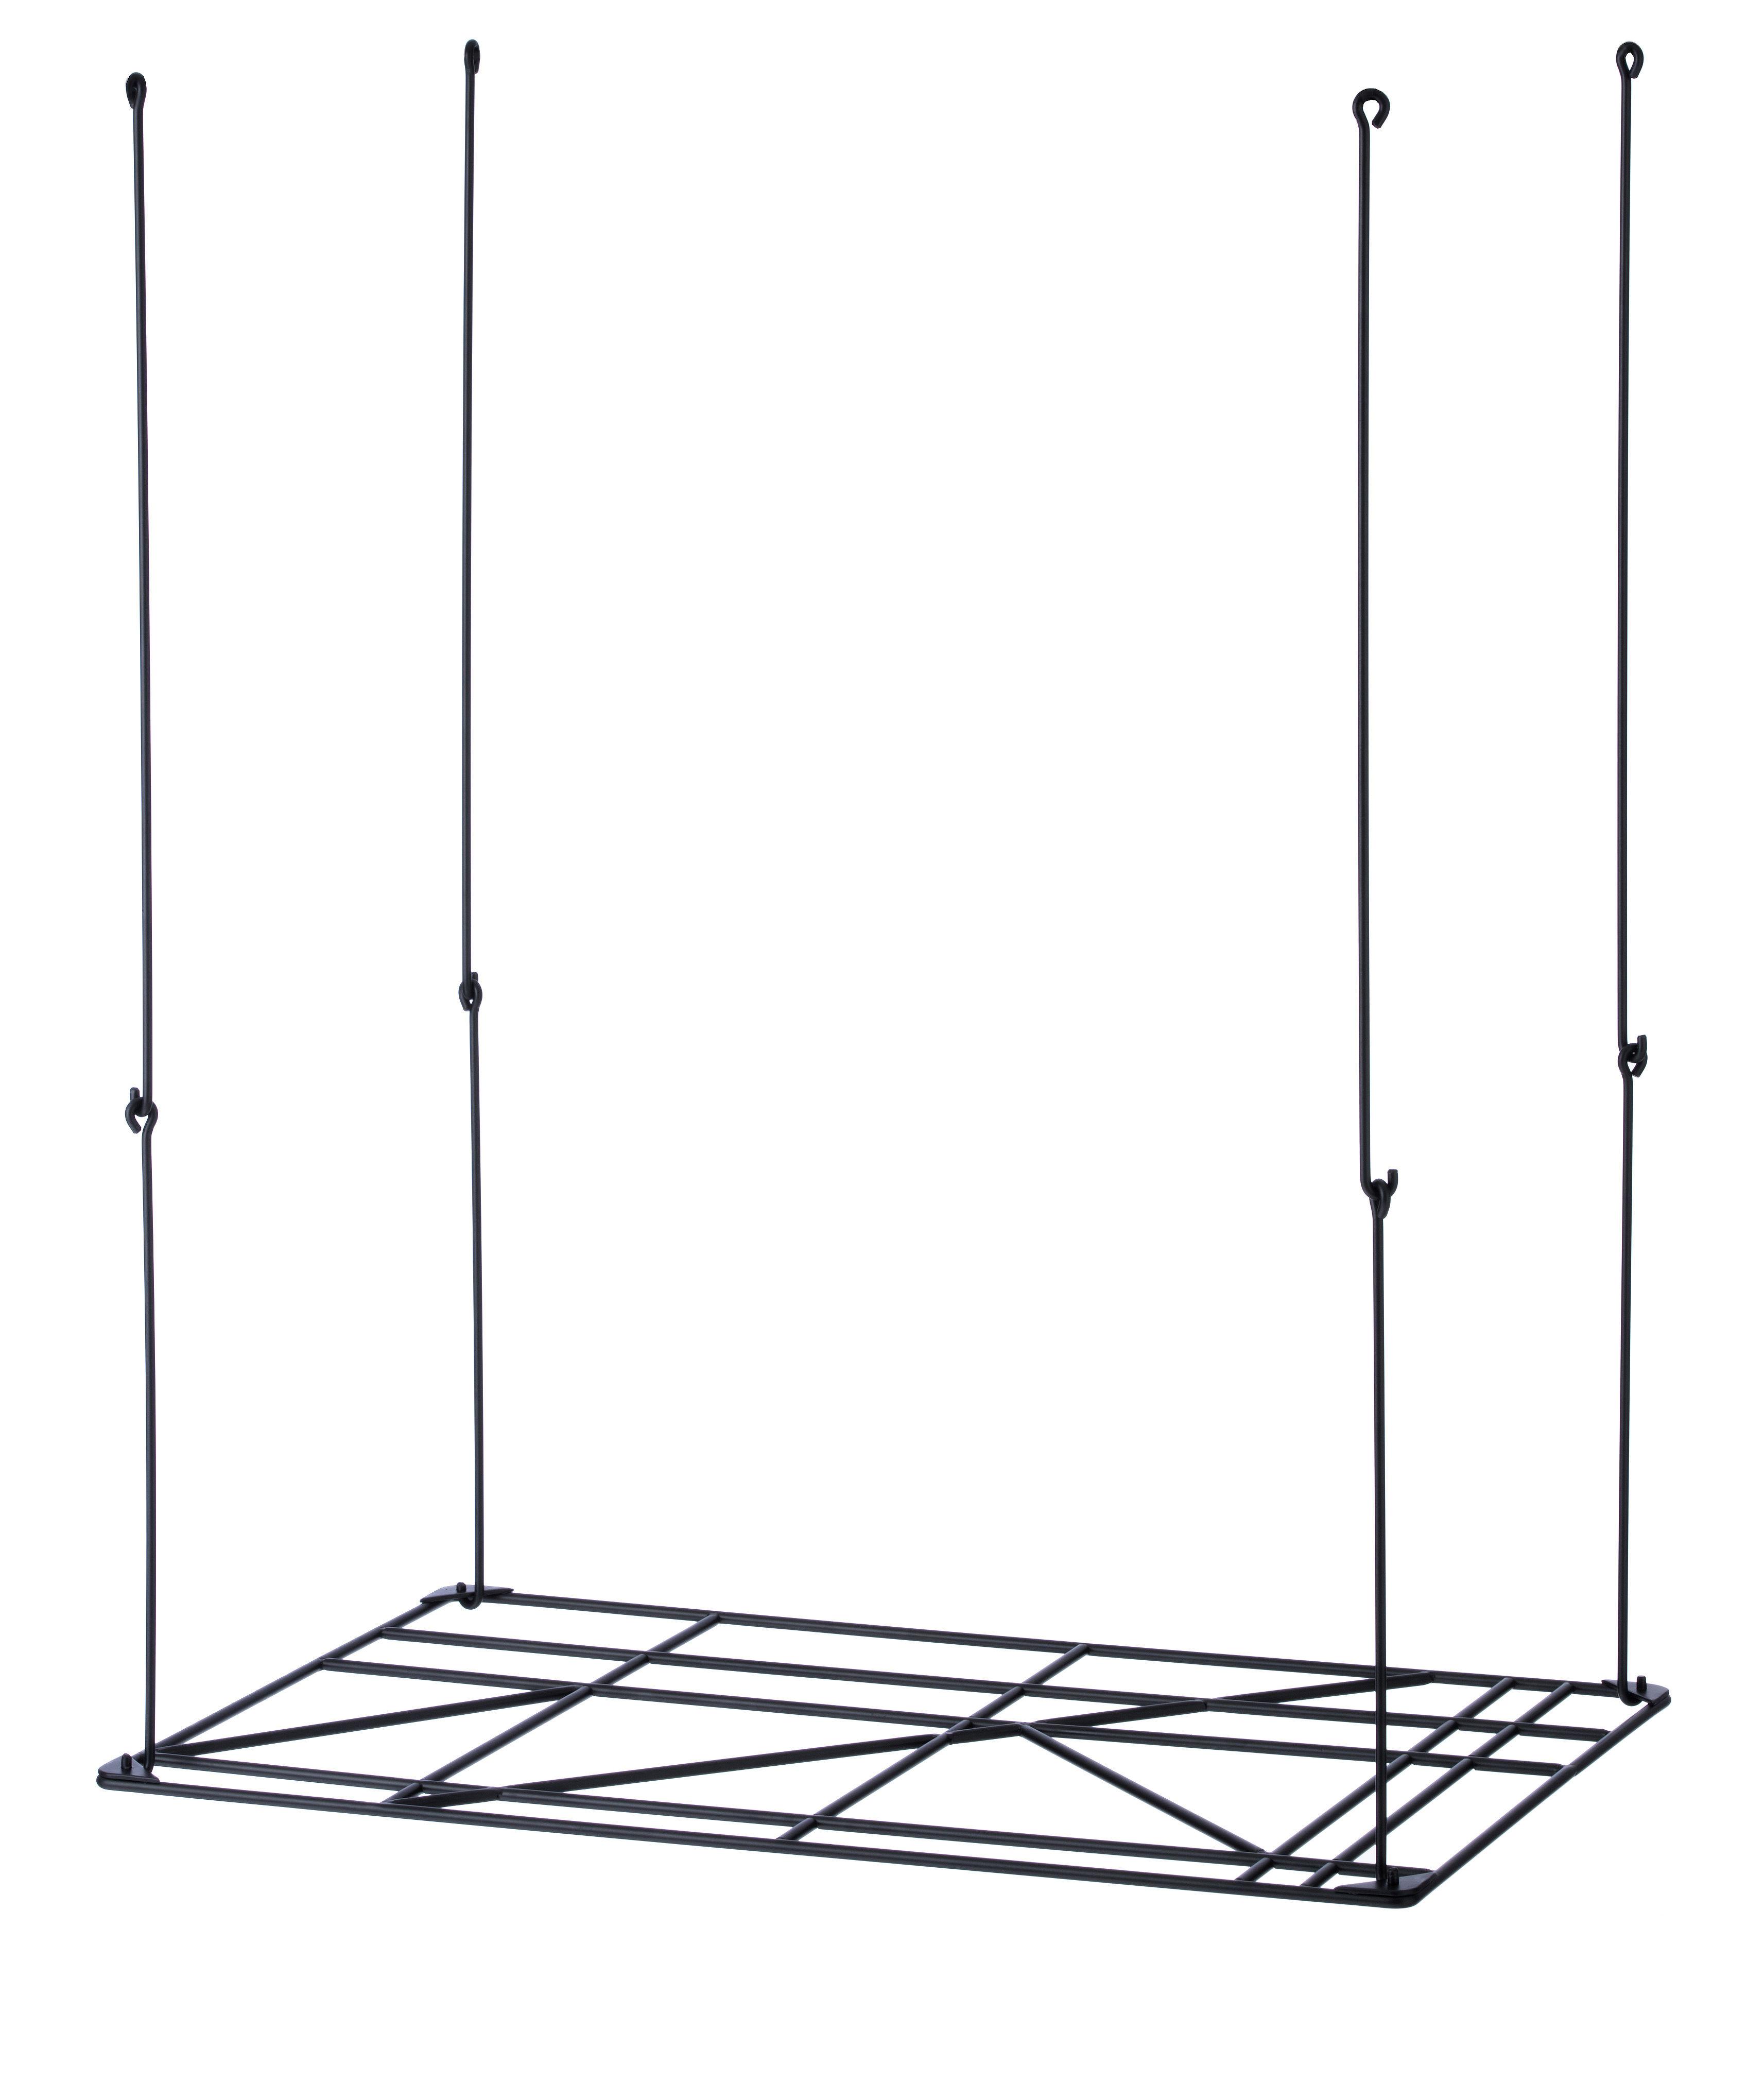 Rangement square rack a suspendre ou accrocher au mur - Accrocher photos au mur ...